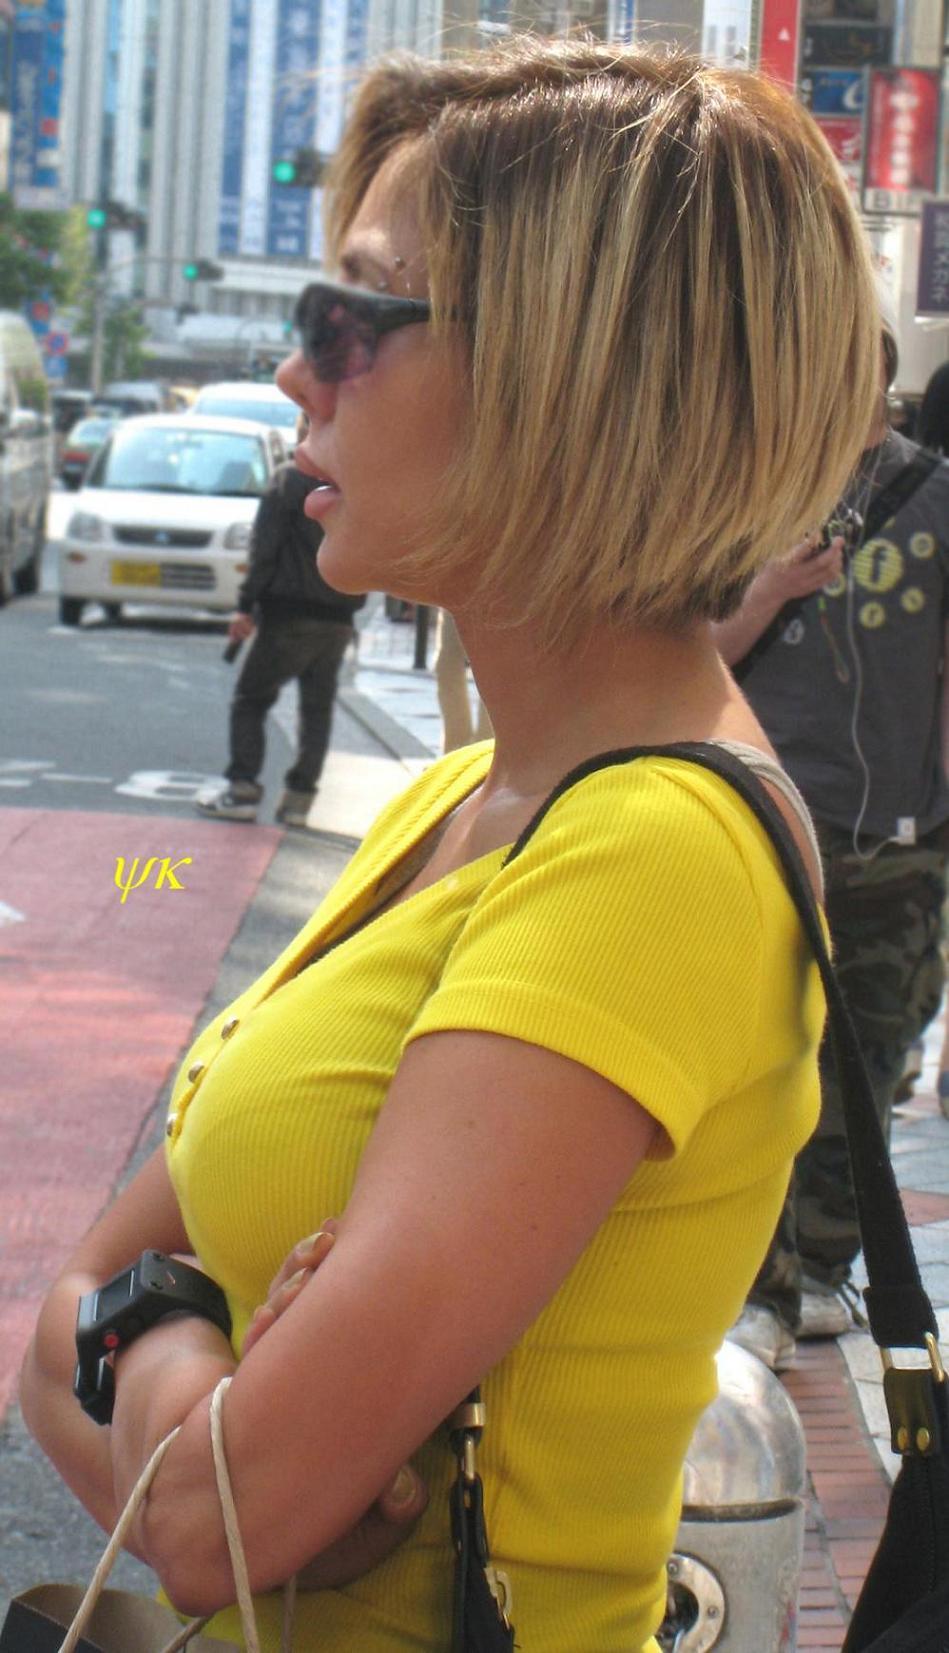 【着衣巨乳エロ画像】デカすぎて隠せない着衣巨乳www街で見かけたインパクト大な素人女子の乳袋  11